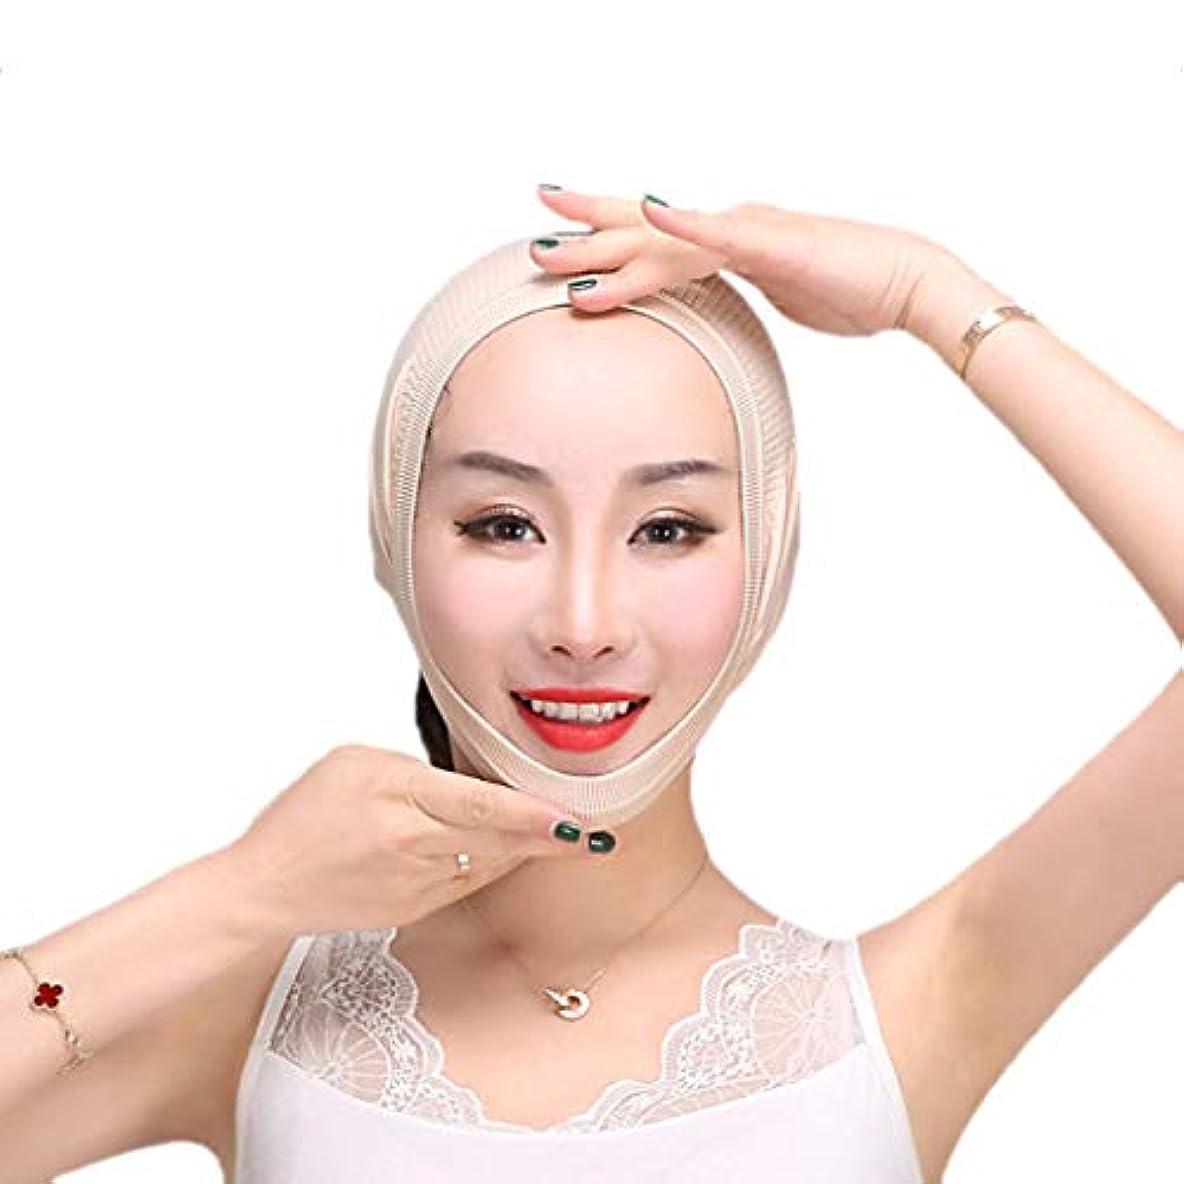 スキッパー遠い臨検フェイスリフトマスク、フェイススリミングマスク、チンストラップ、フェイスマッサージ、フェイシャル減量マスク、チンリフティングベルト(ワンサイズ)